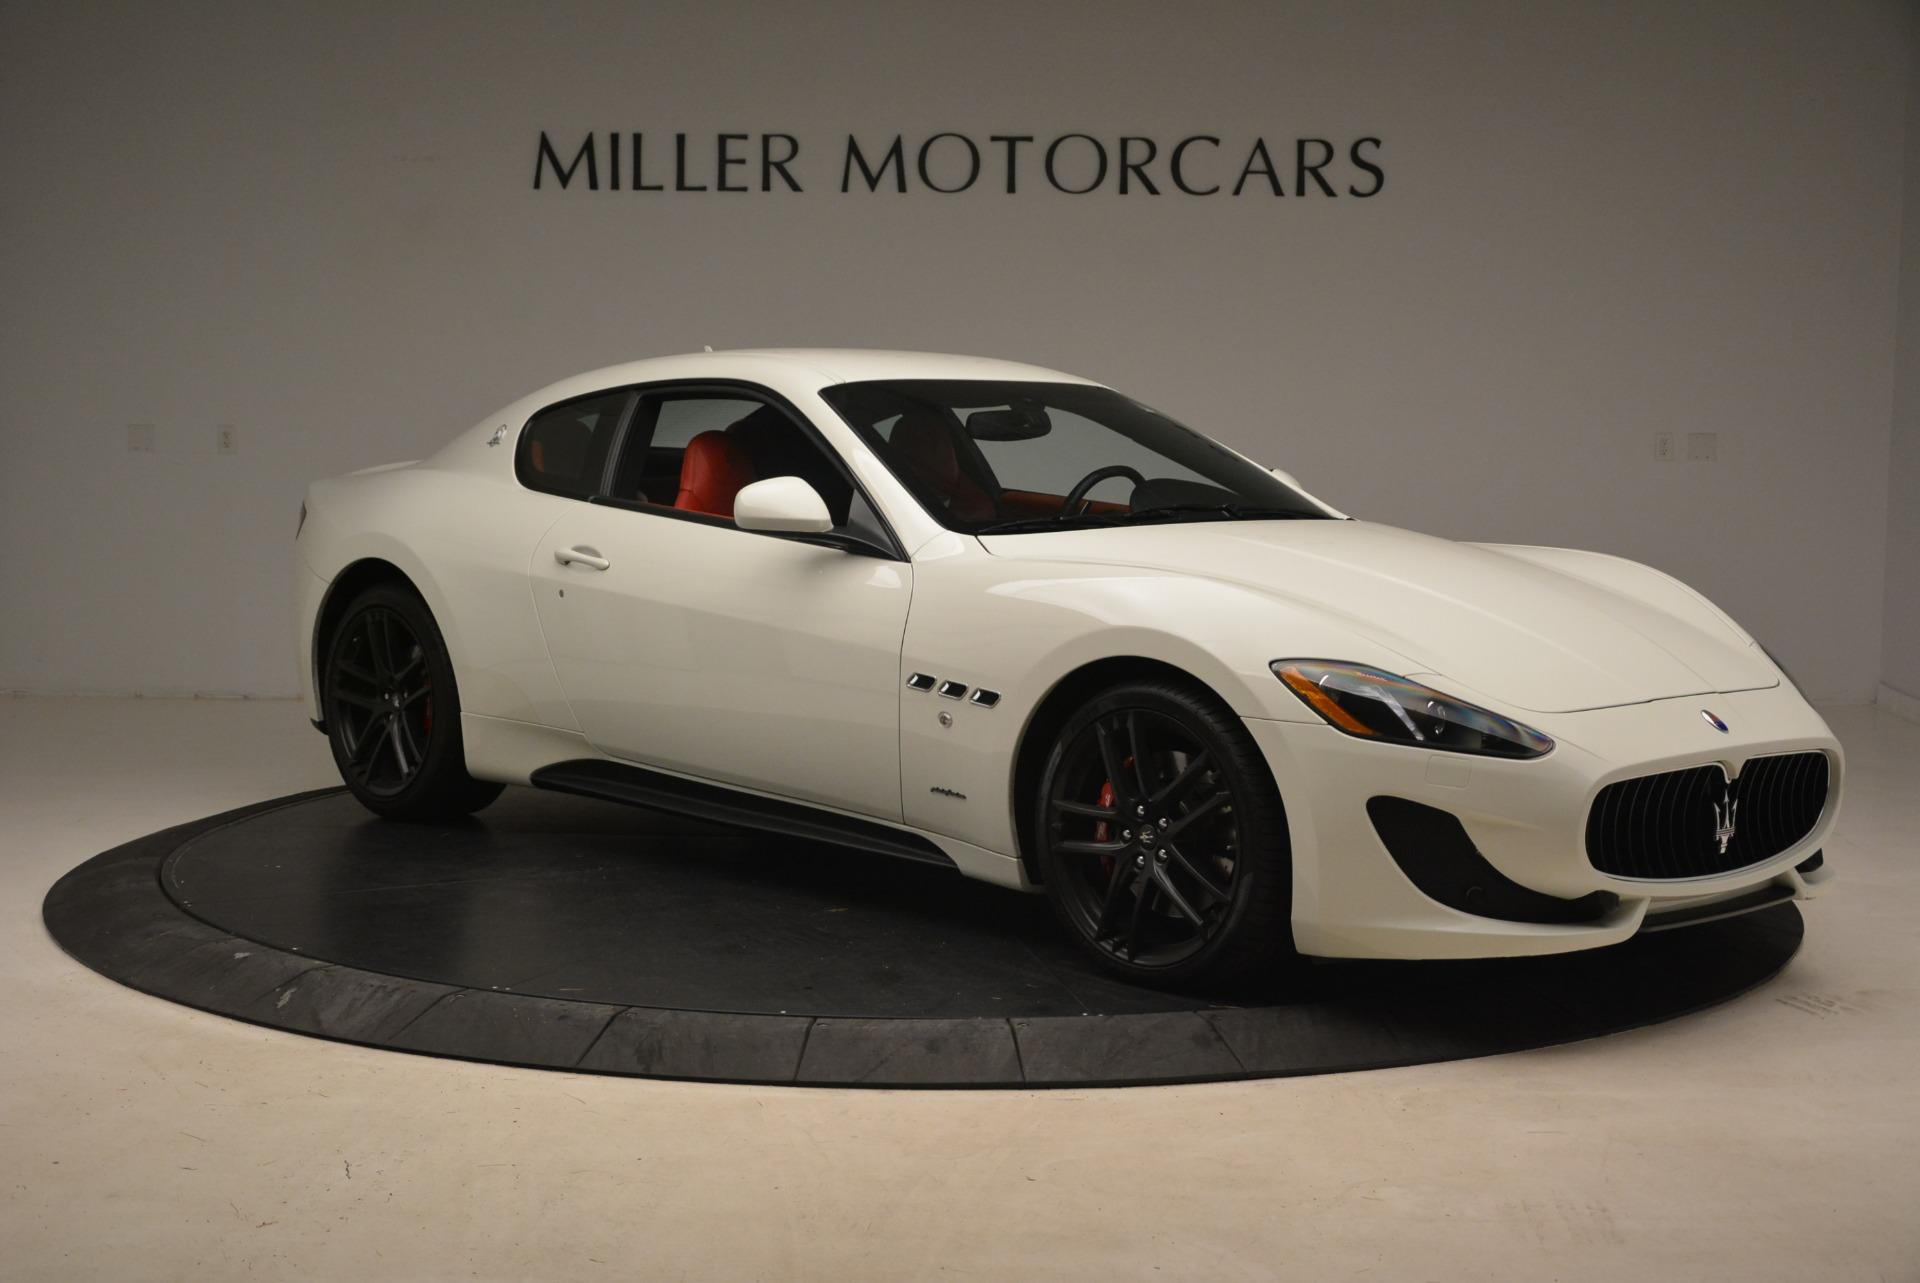 Used 2015 Maserati GranTurismo Sport For Sale In Greenwich, CT. Alfa Romeo of Greenwich, 7367 2233_p11